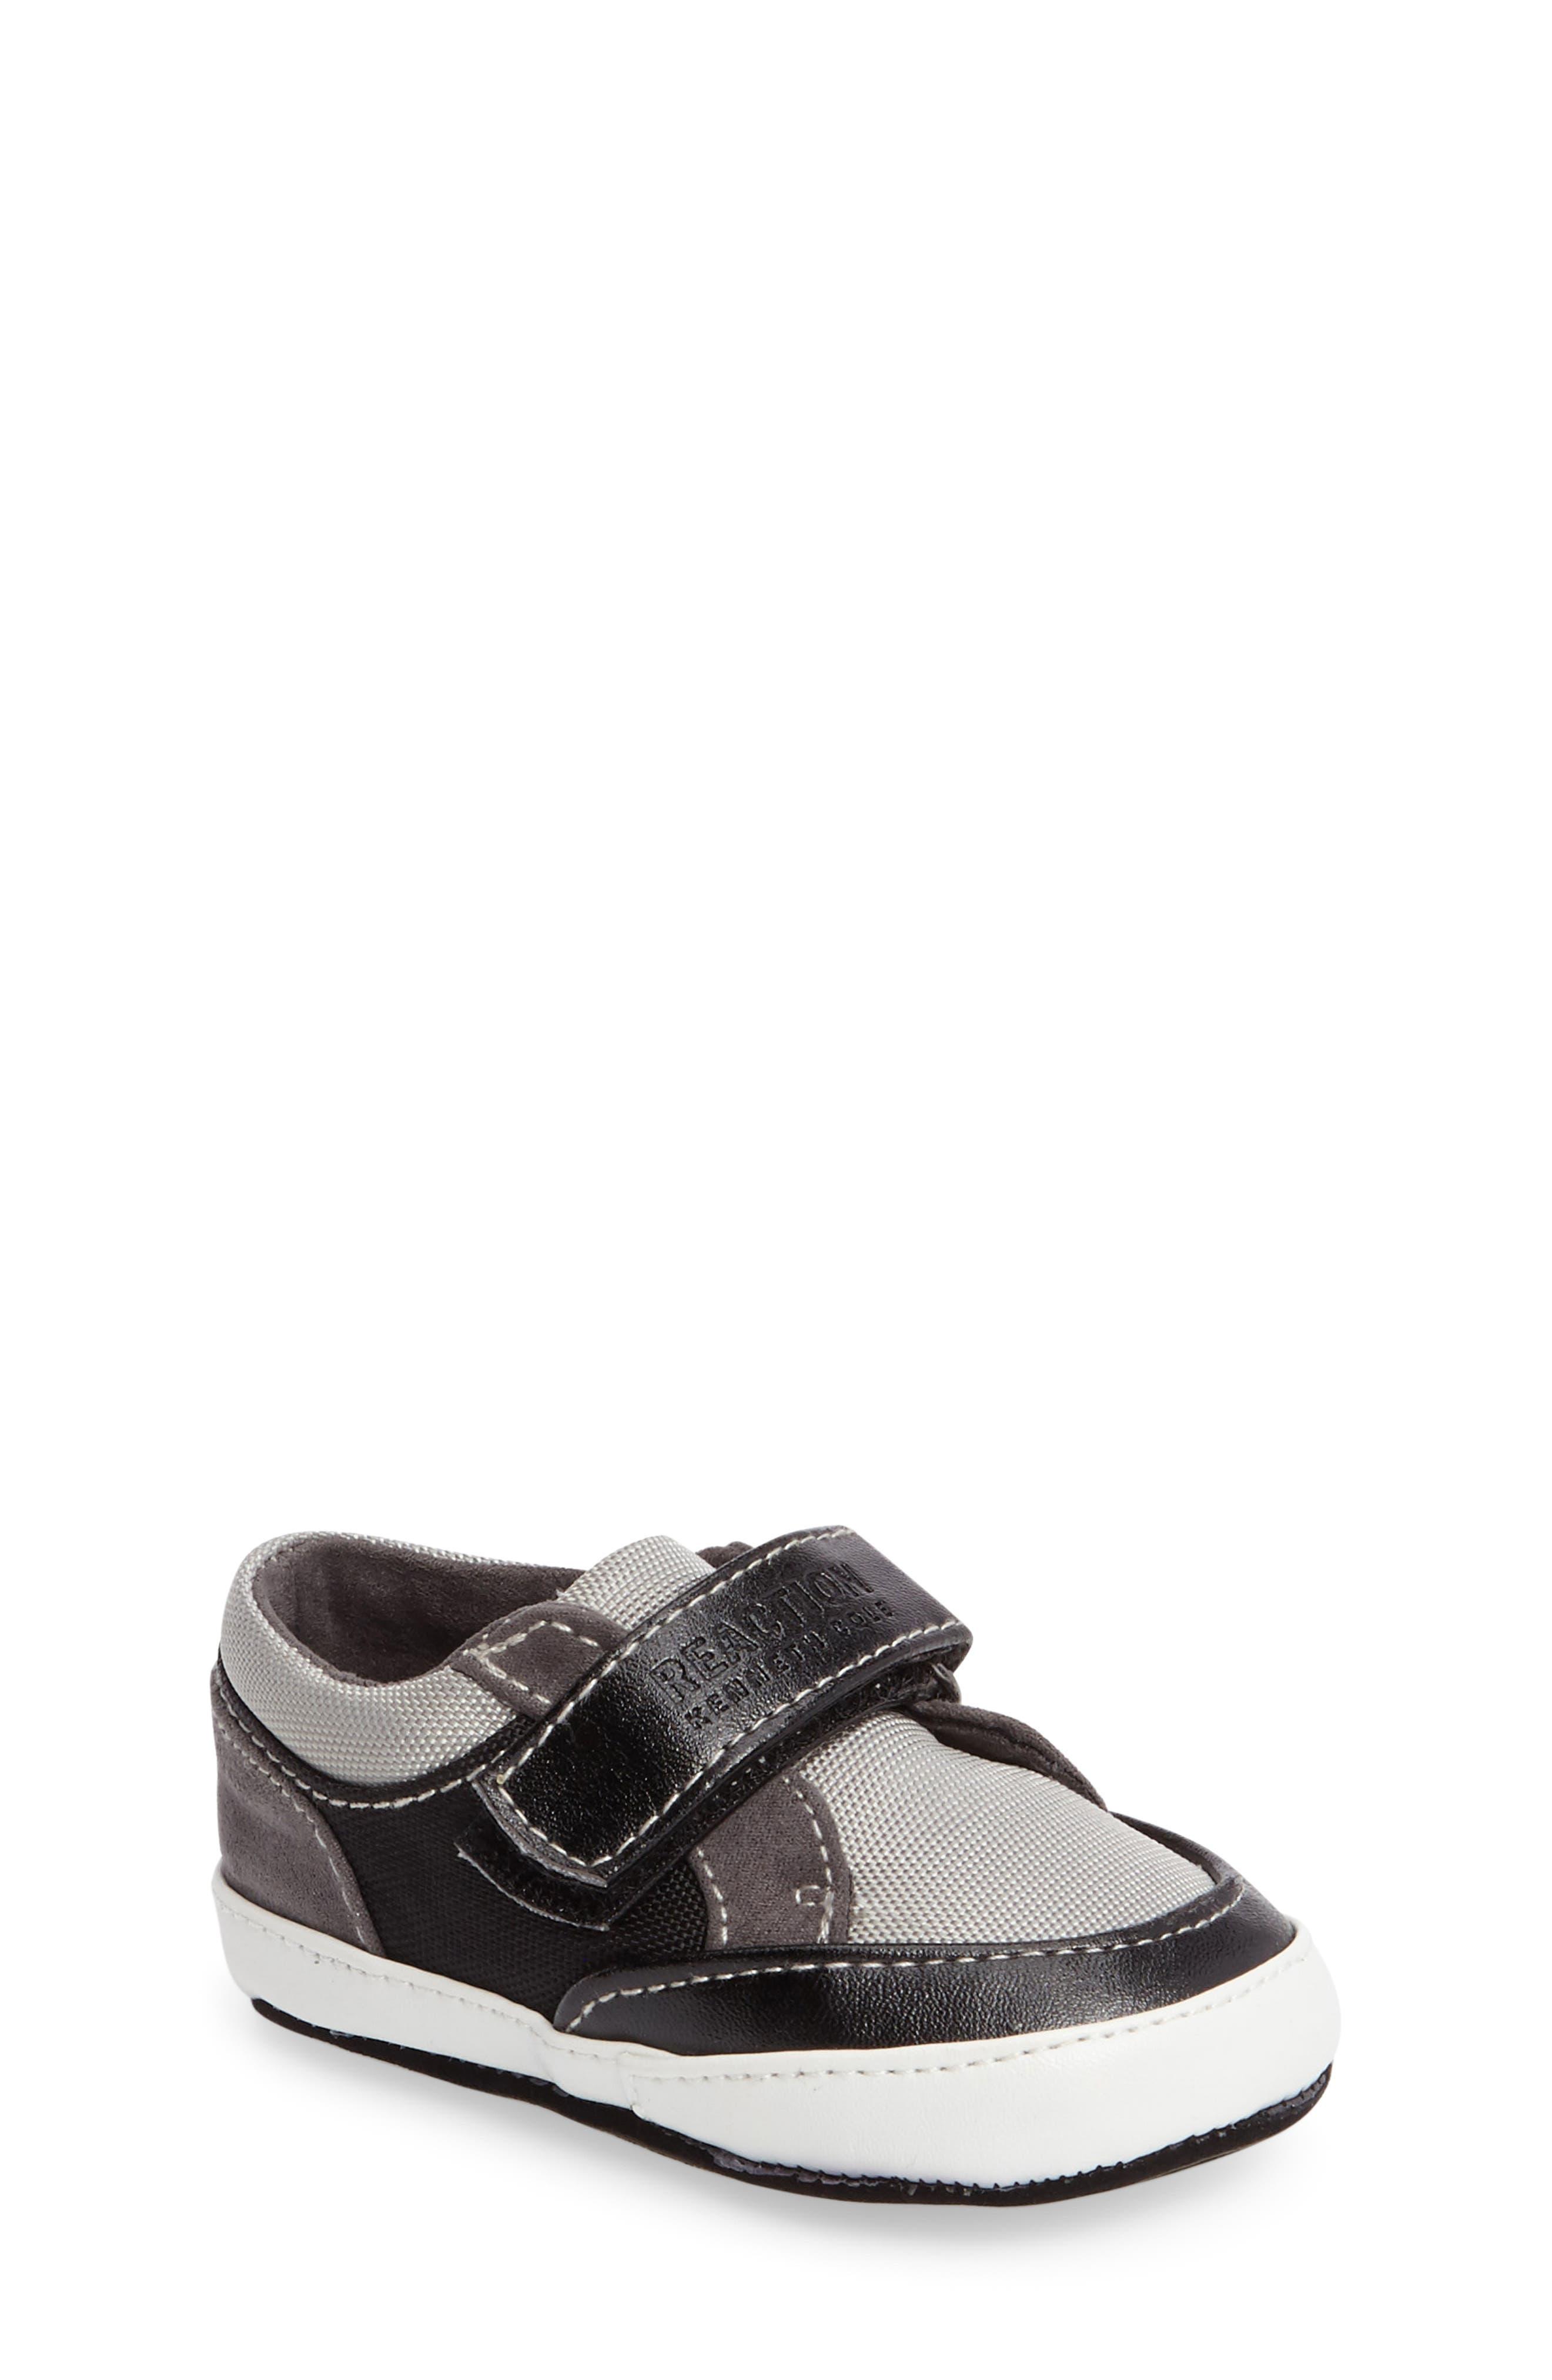 Danny Sneaker,                             Main thumbnail 1, color,                             Black/ Grey